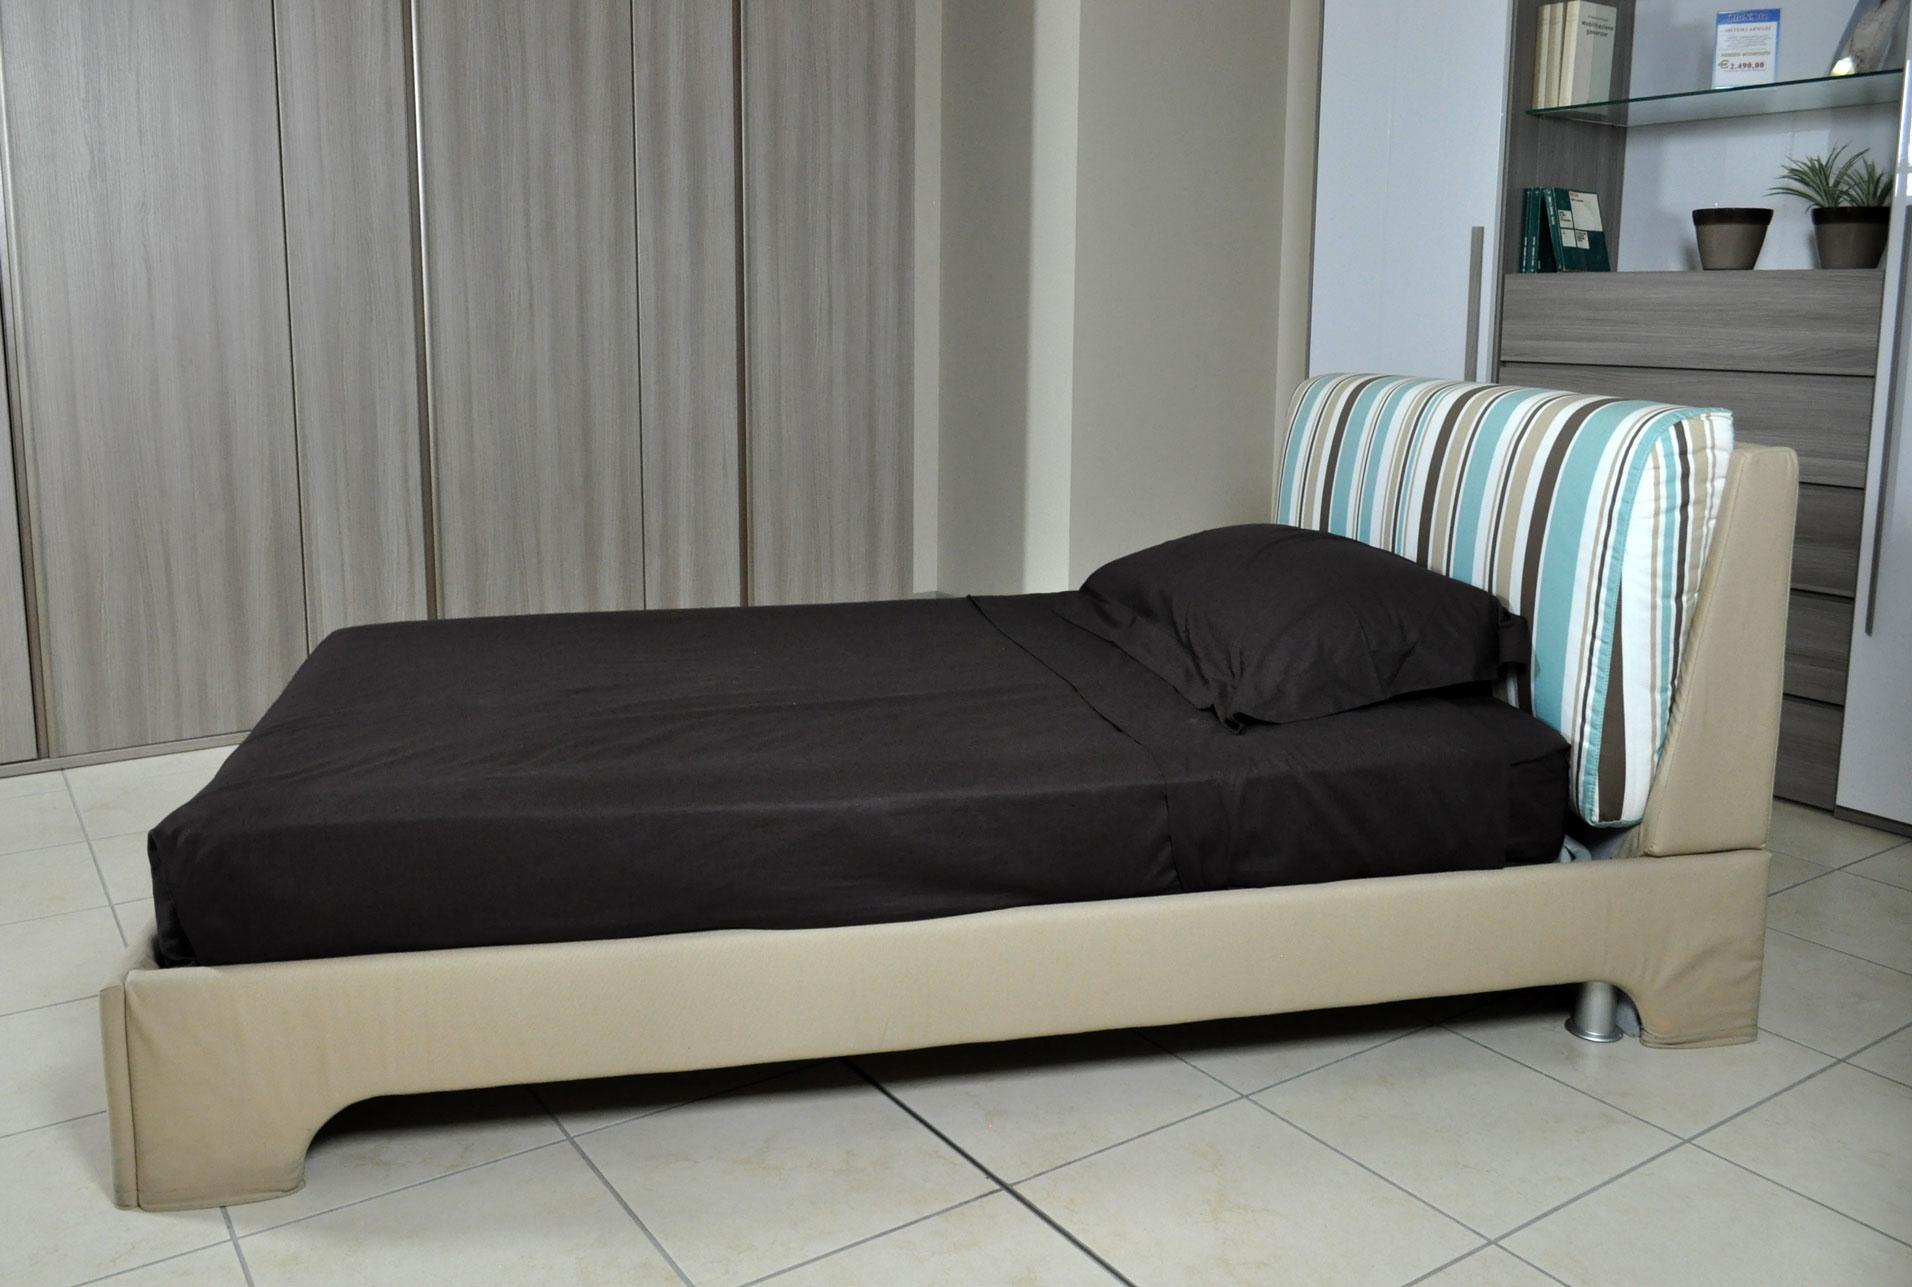 Letto ad una piazza e mezza misure affordable letto - Letto piazza e mezzo misure ...